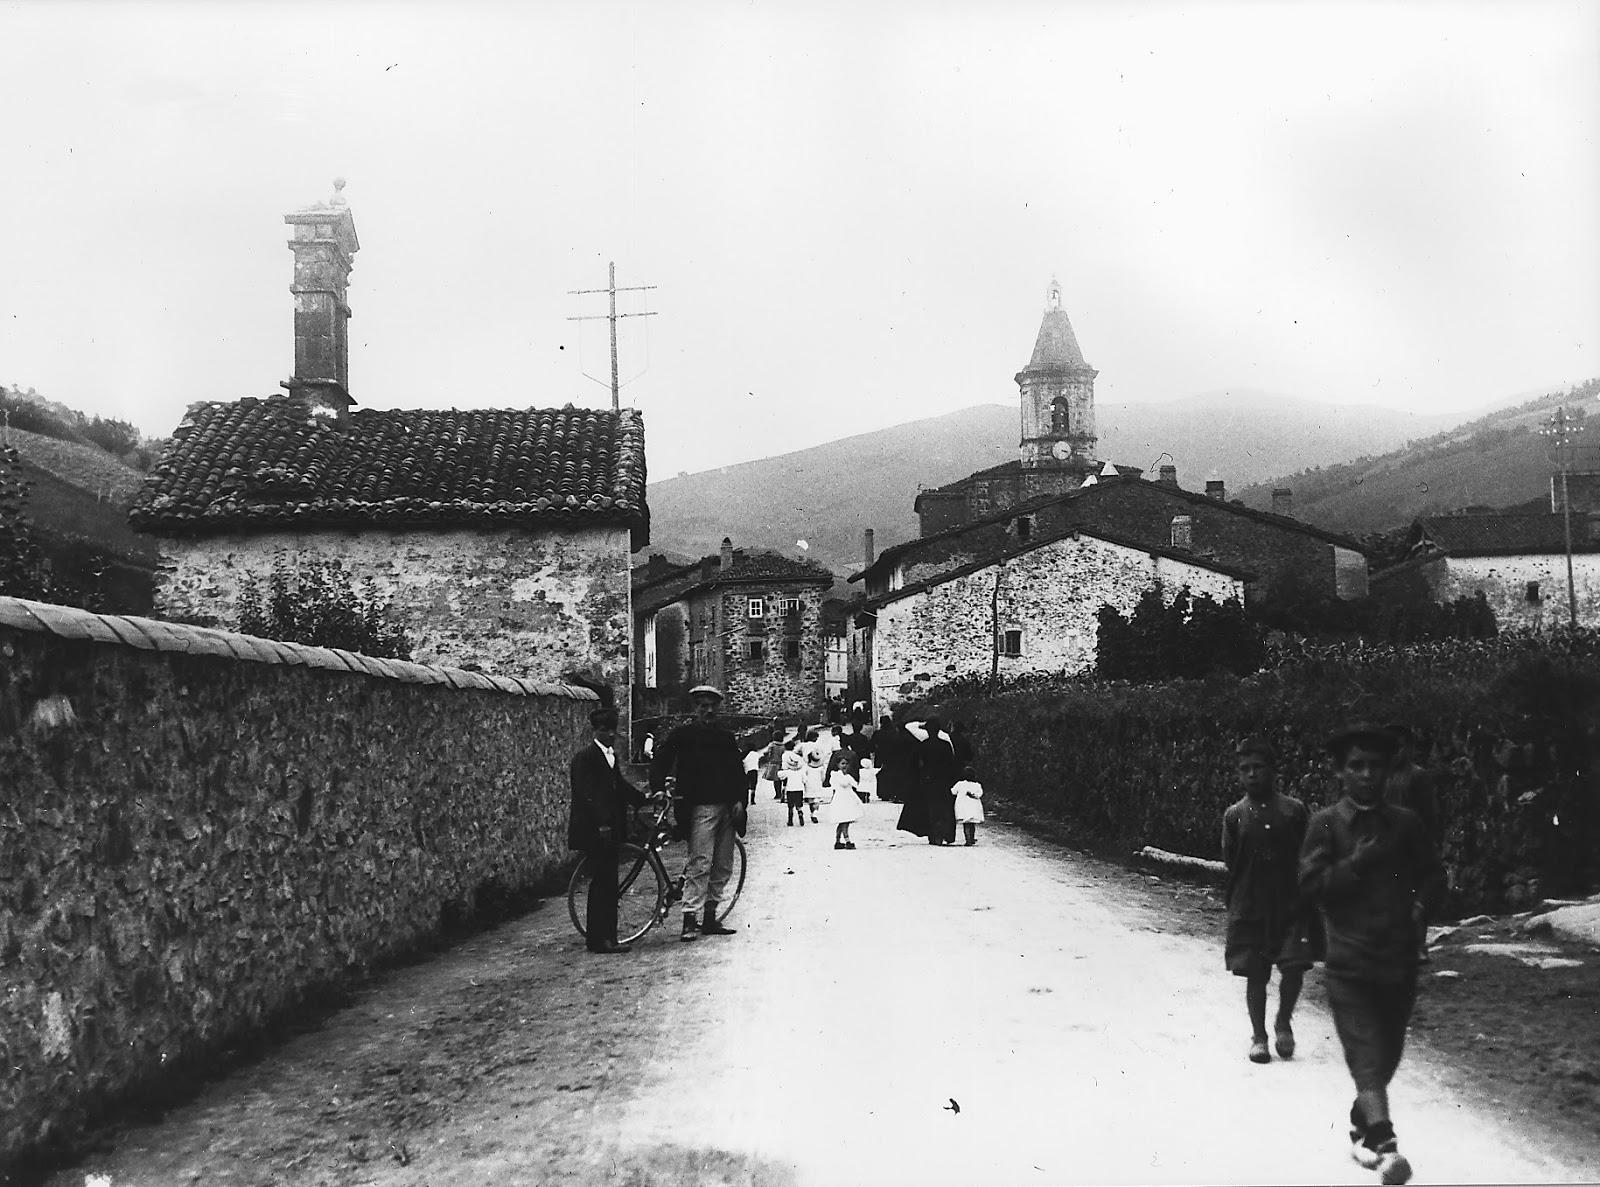 ermita de san bartolome, antzuola bilaketarekin bat datozen irudiak